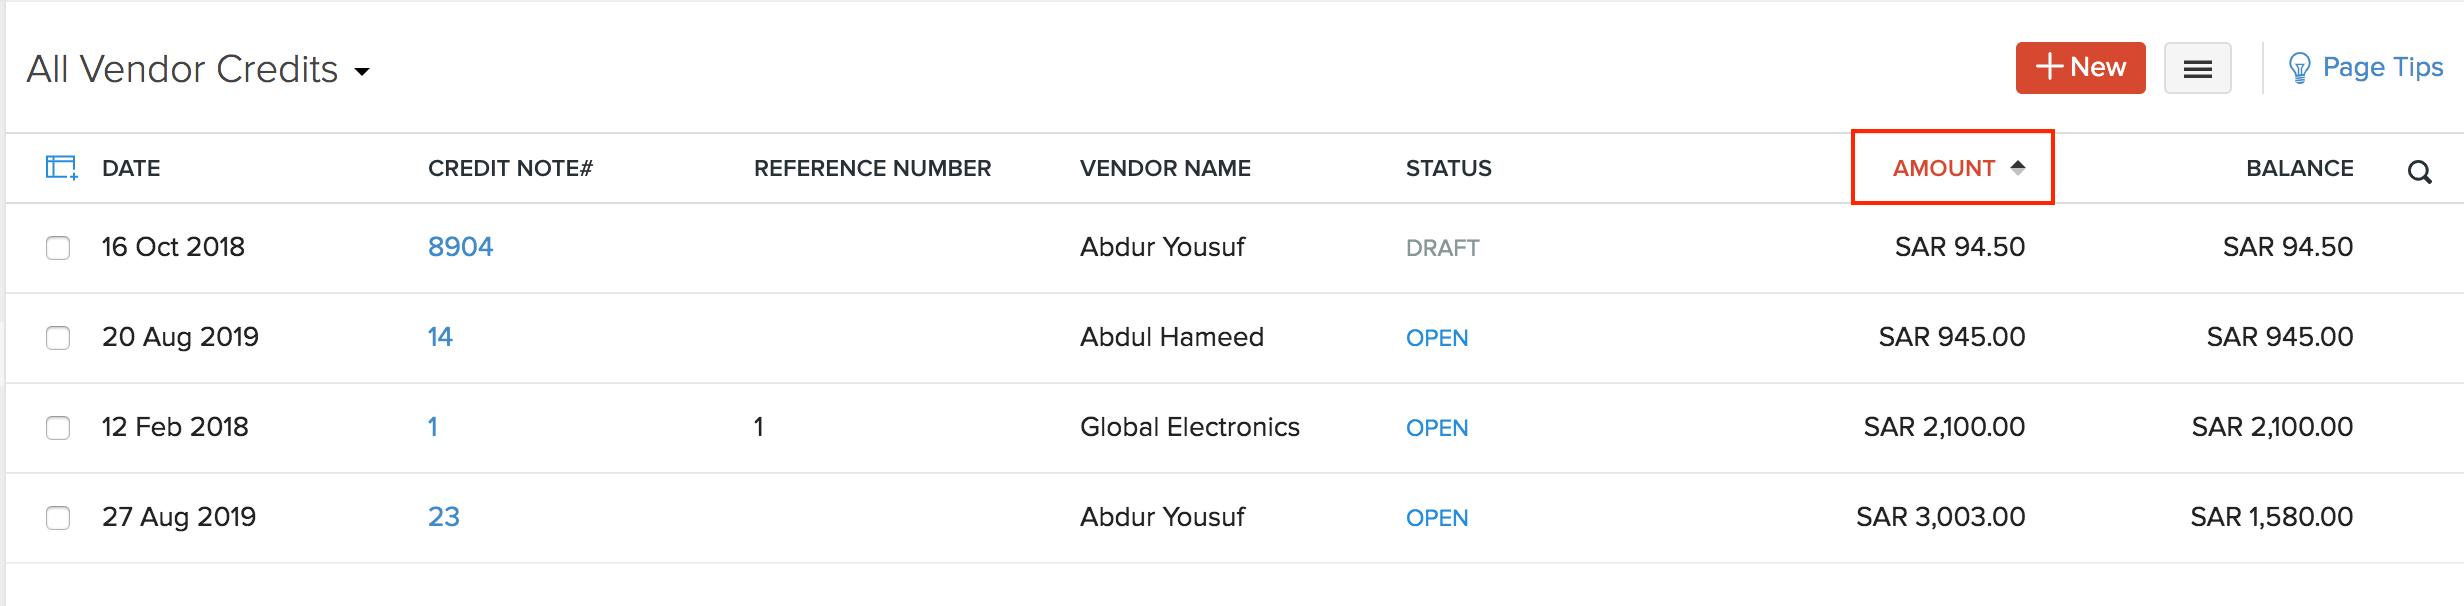 Sort Vendor Credits